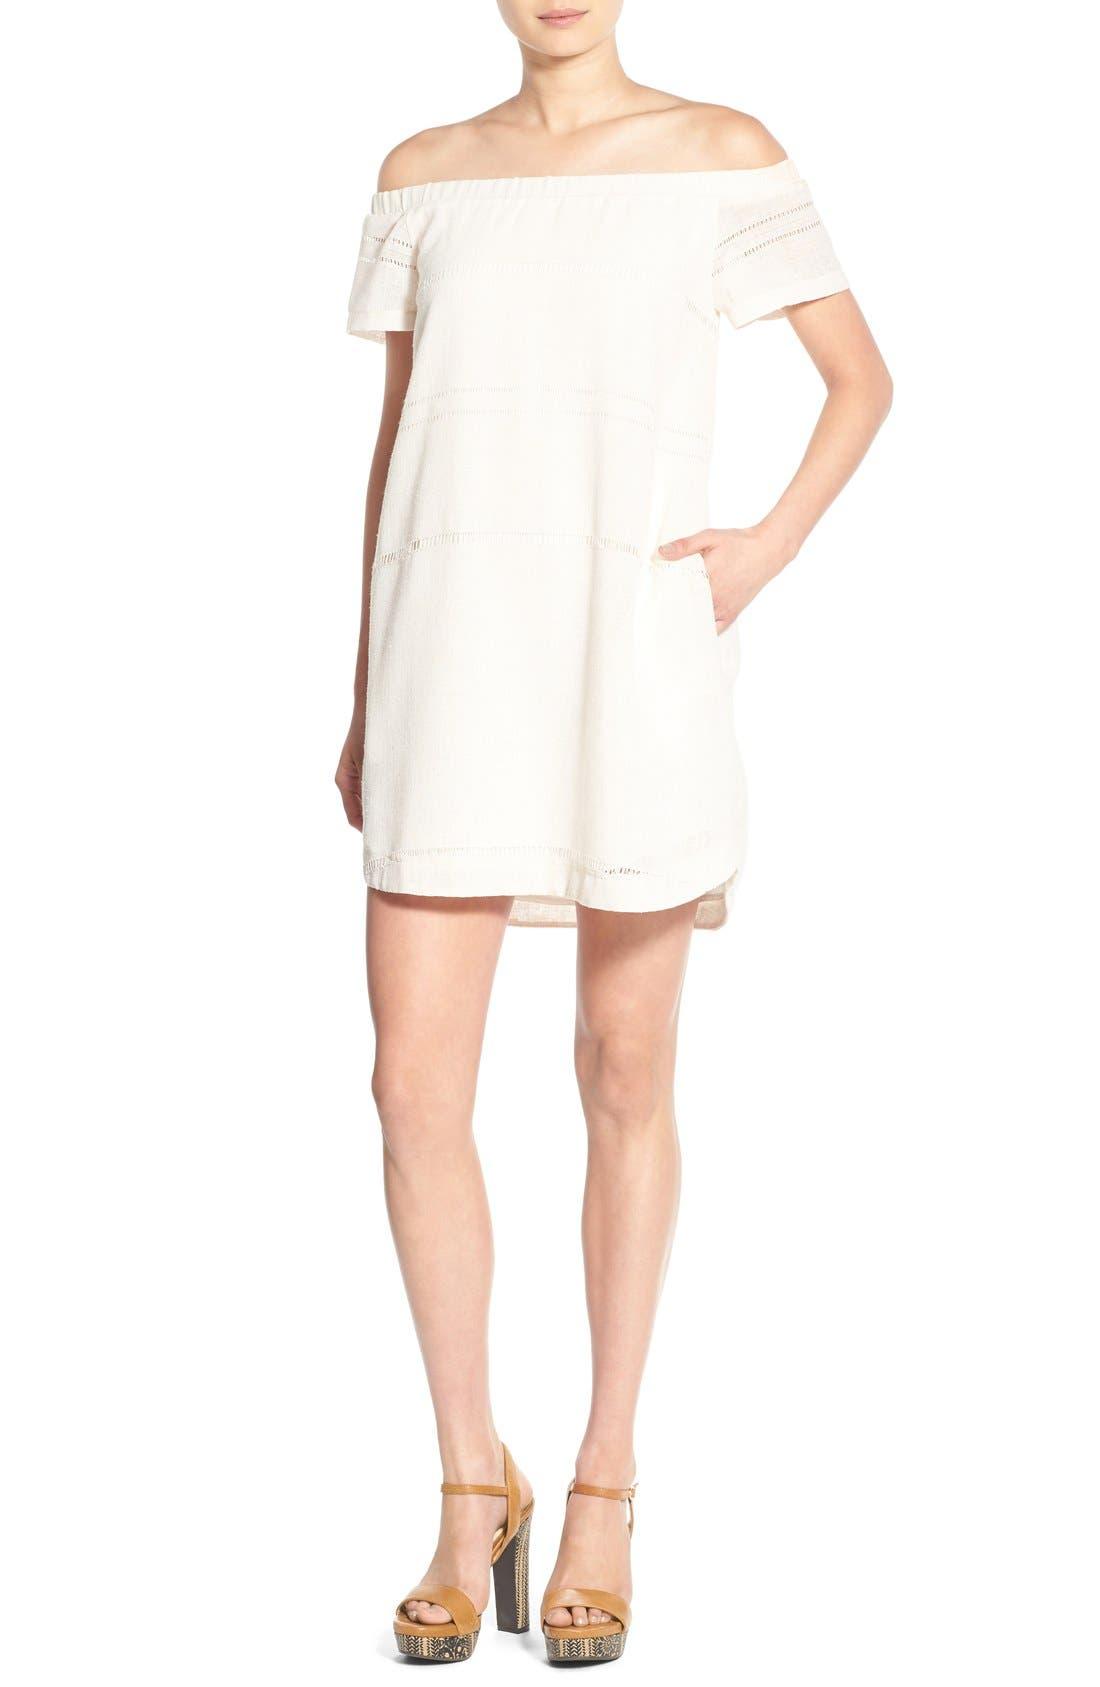 Alternate Image 1 Selected - ASTR Off the Shoulder Shift Dress